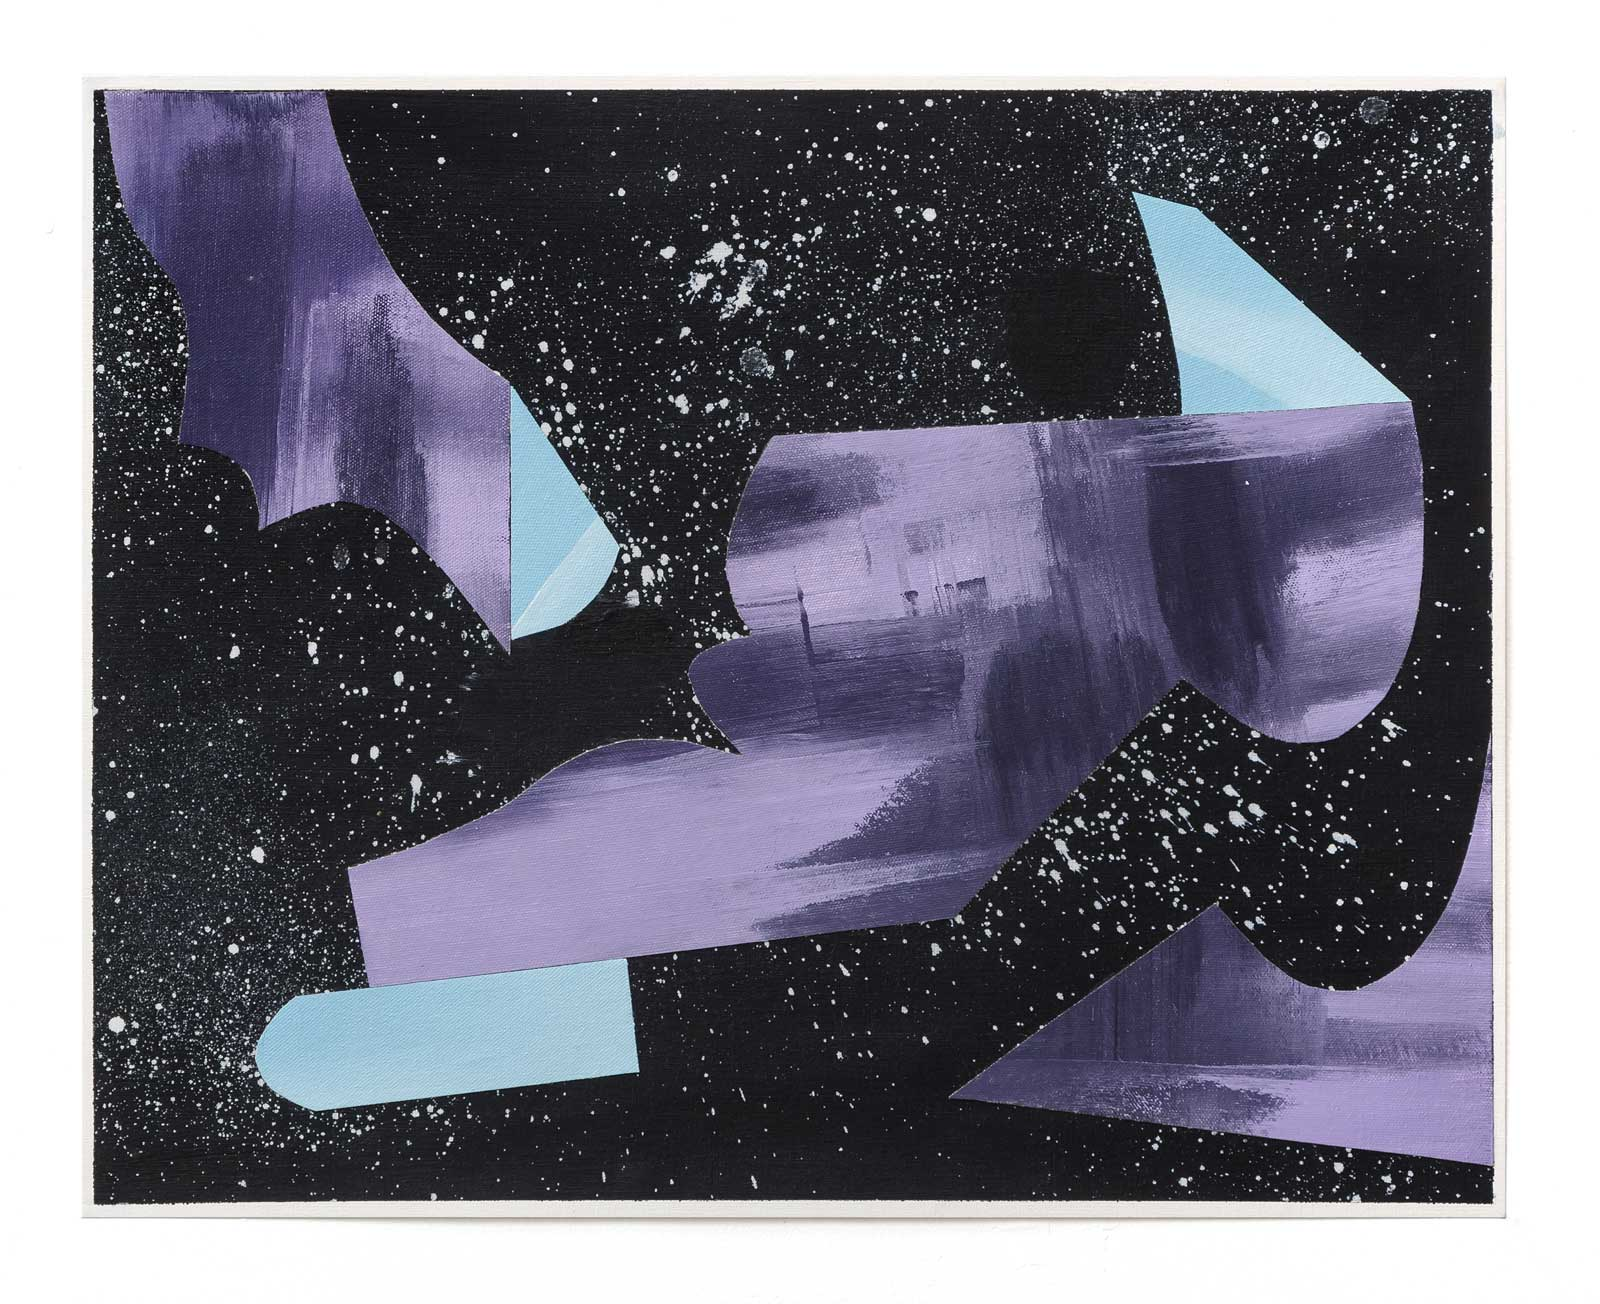 Objets-Obscurs-3-collage-paper-45.72 cm x 60.96 cm.